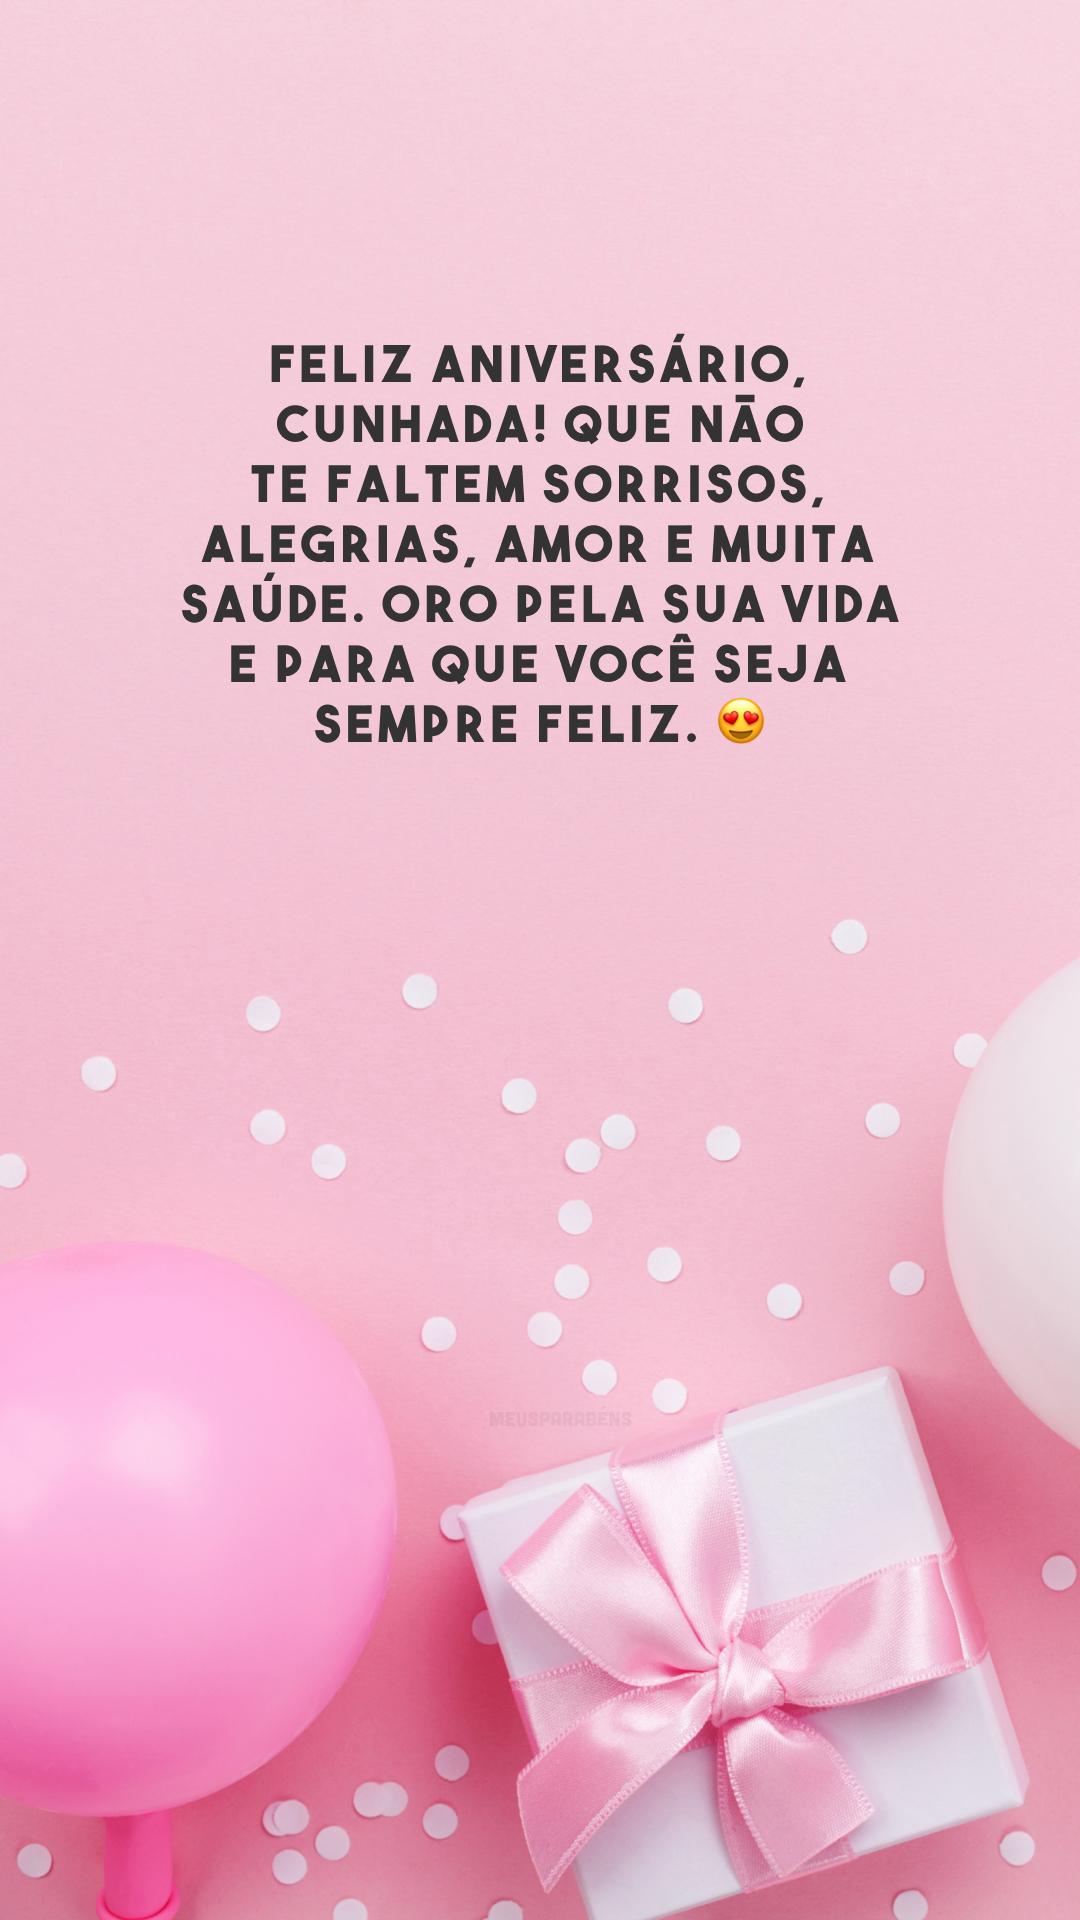 Feliz aniversário, cunhada! Que não te faltem sorrisos, alegrias, amor e muita saúde. Oro pela sua vida e para que você seja sempre feliz. 😍